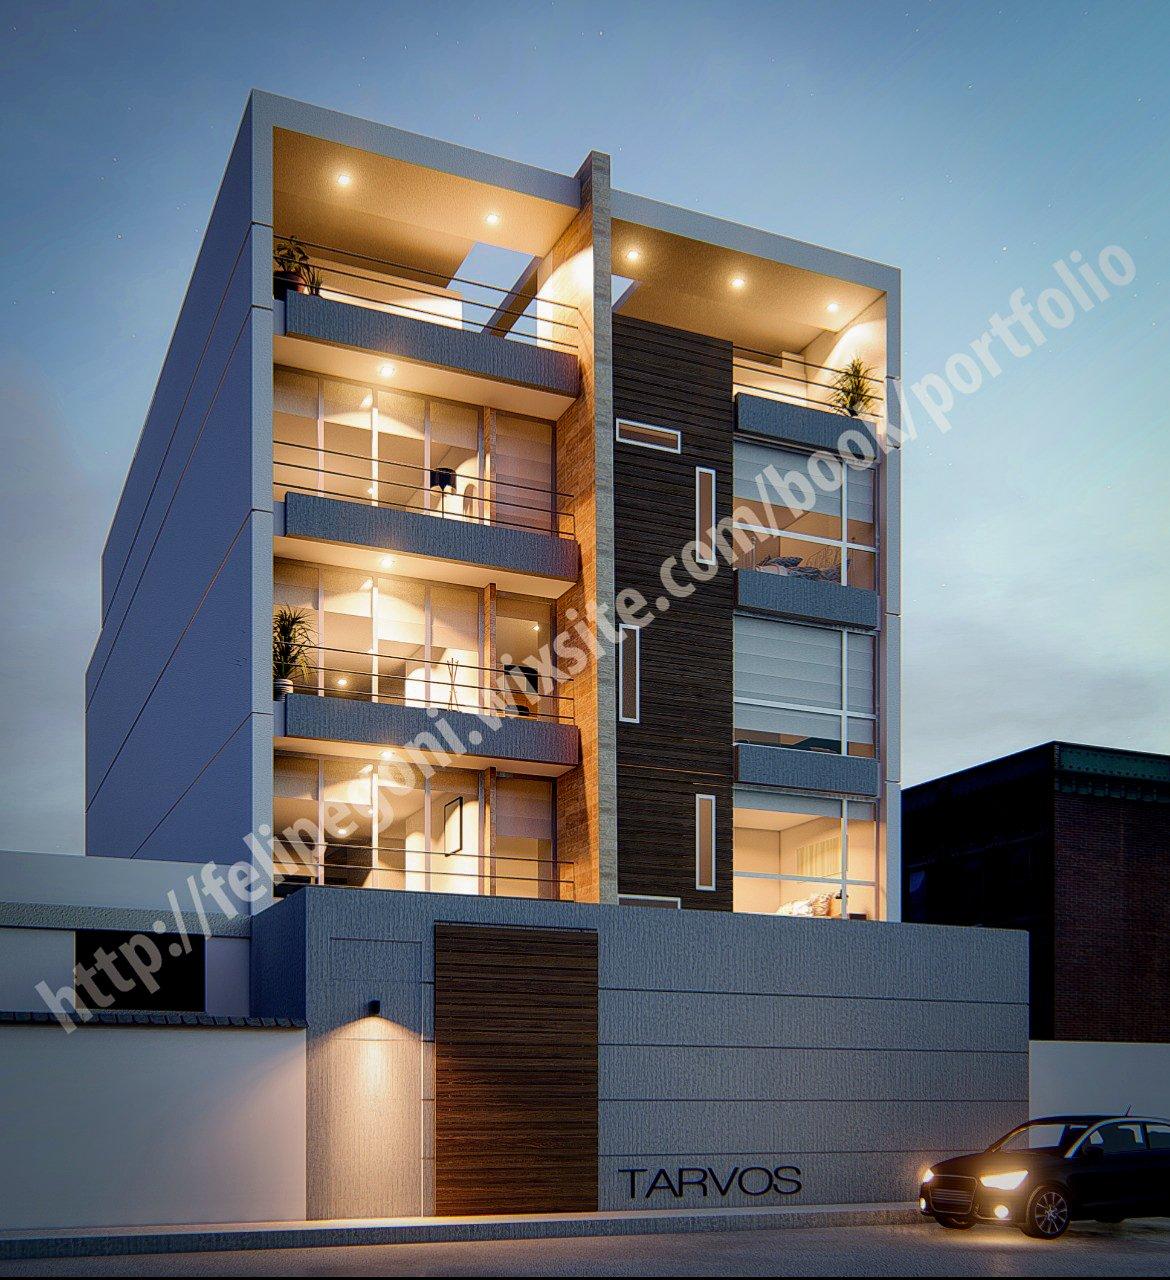 Edificio-Tarvos-Riobamba-A3-Arquitectos-Quito-Ecuador-4